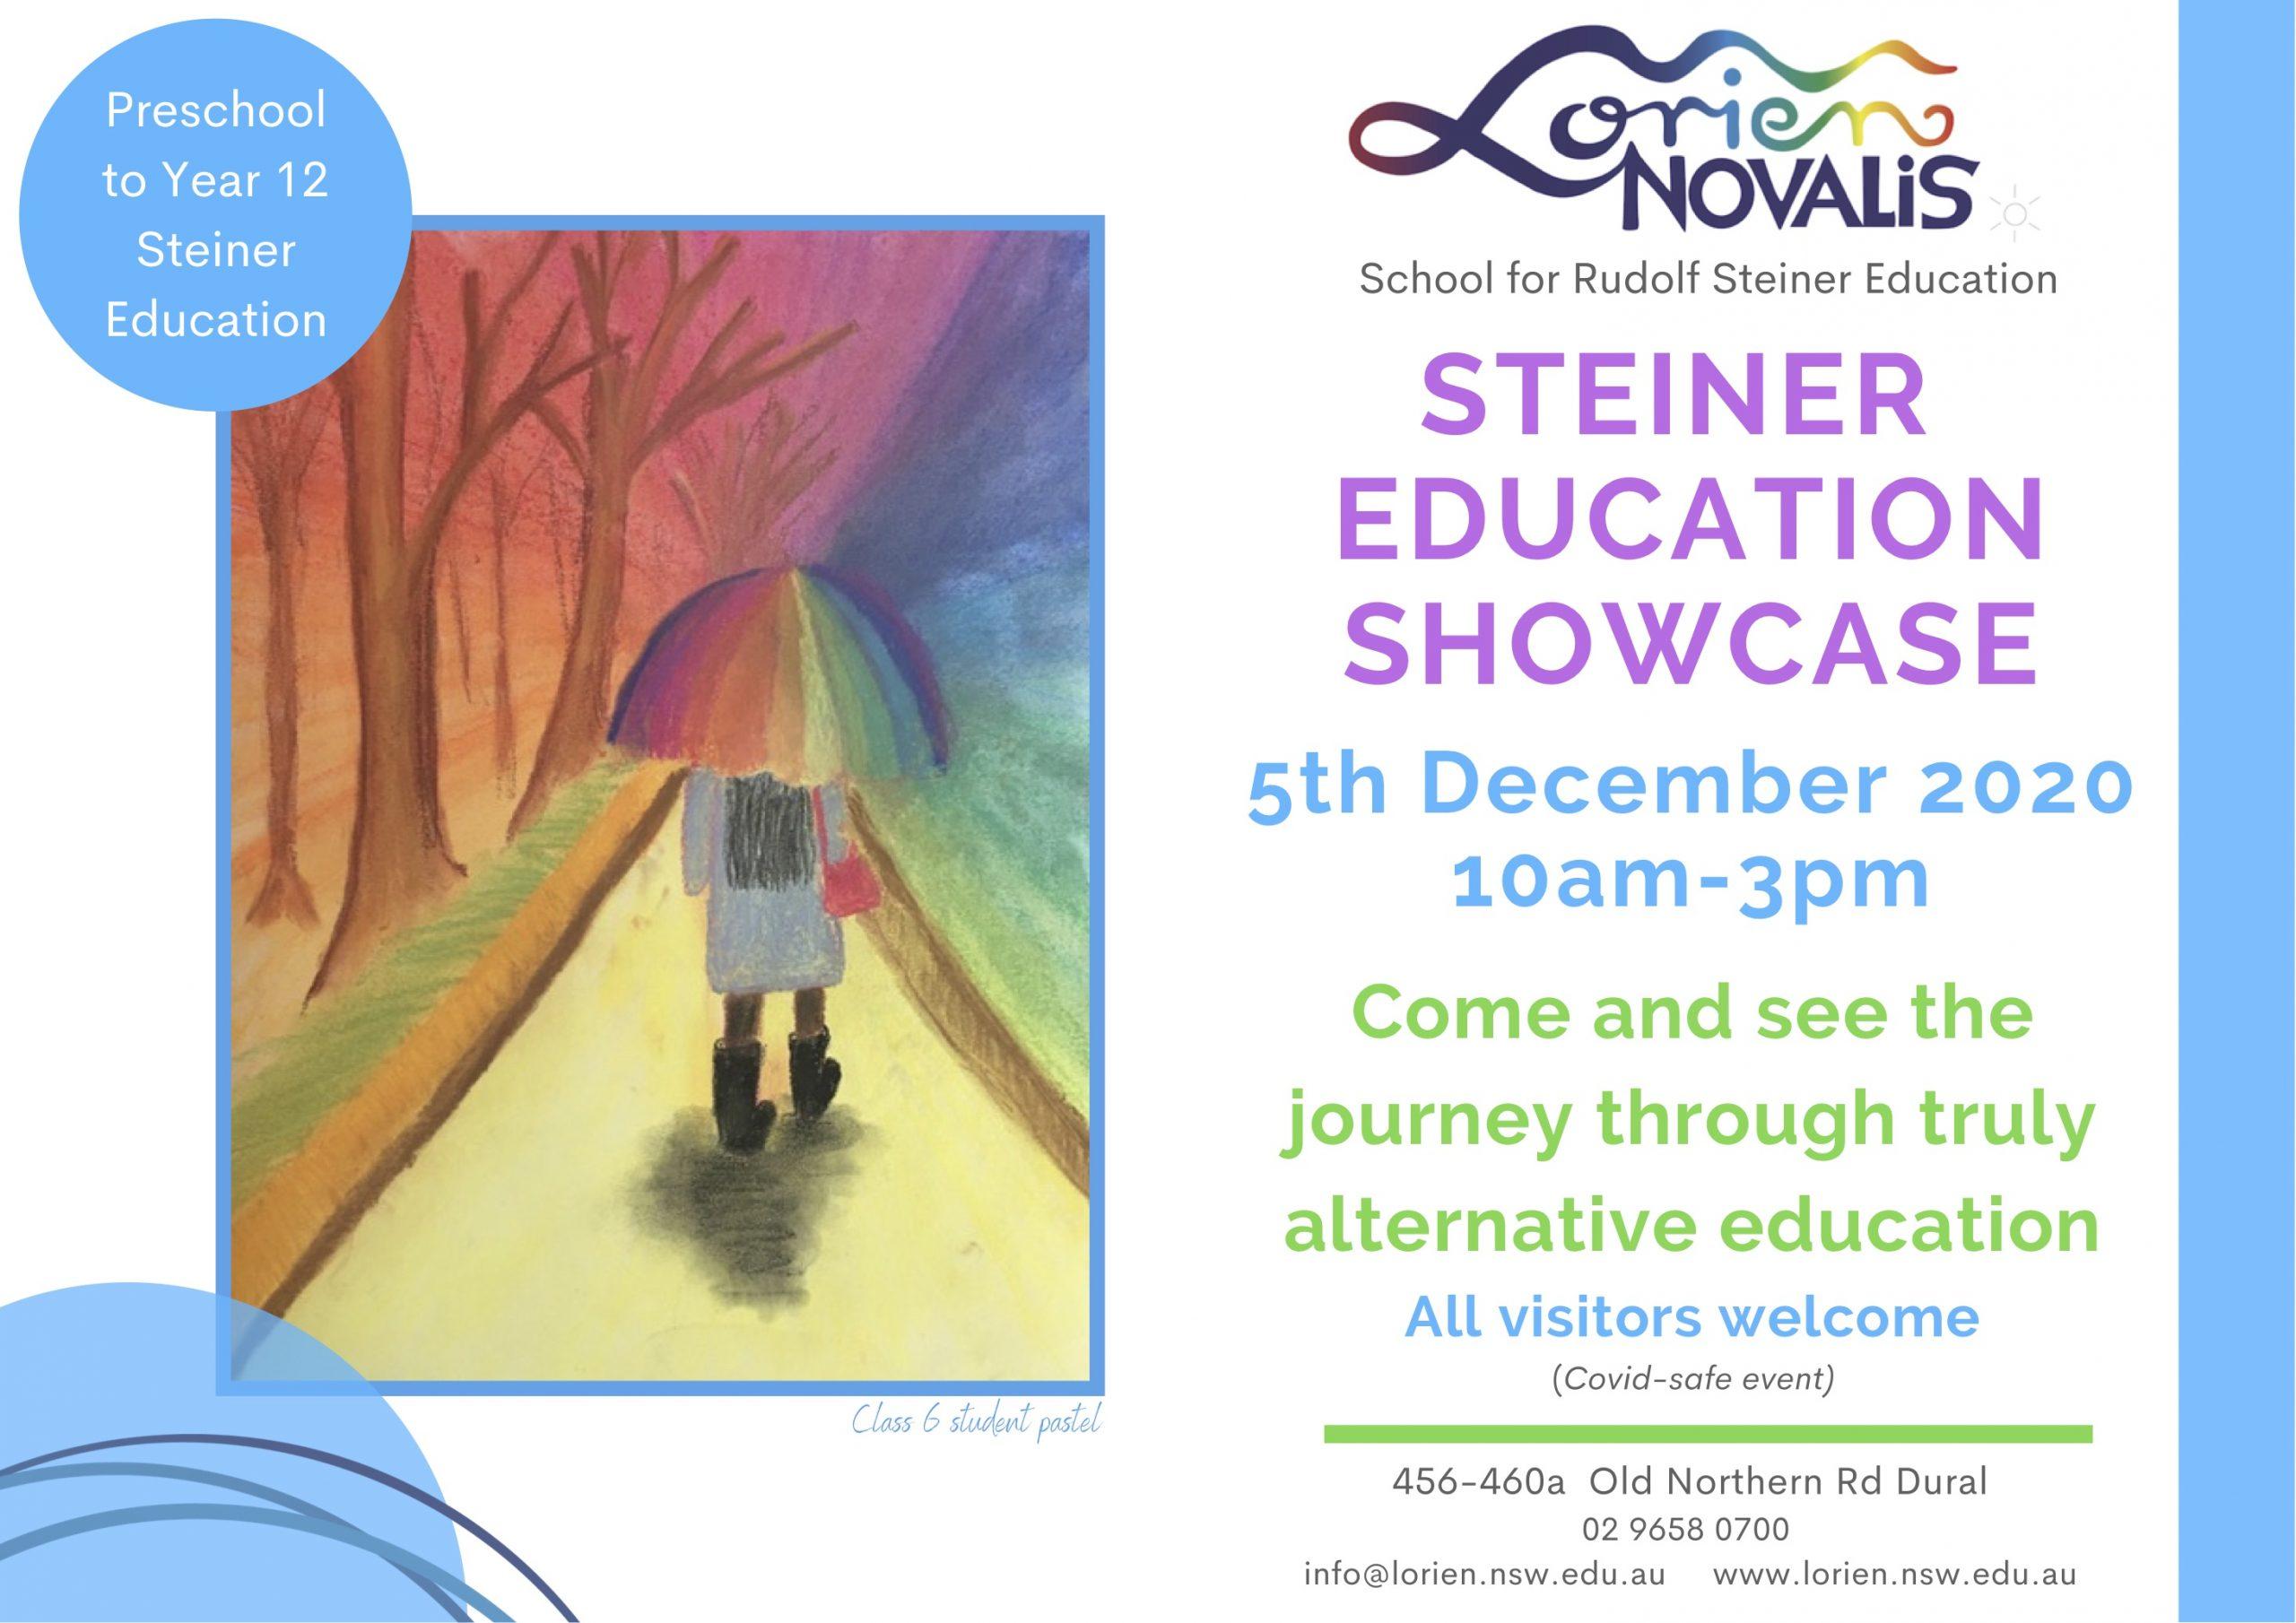 steiner education showcase 2020 flyer